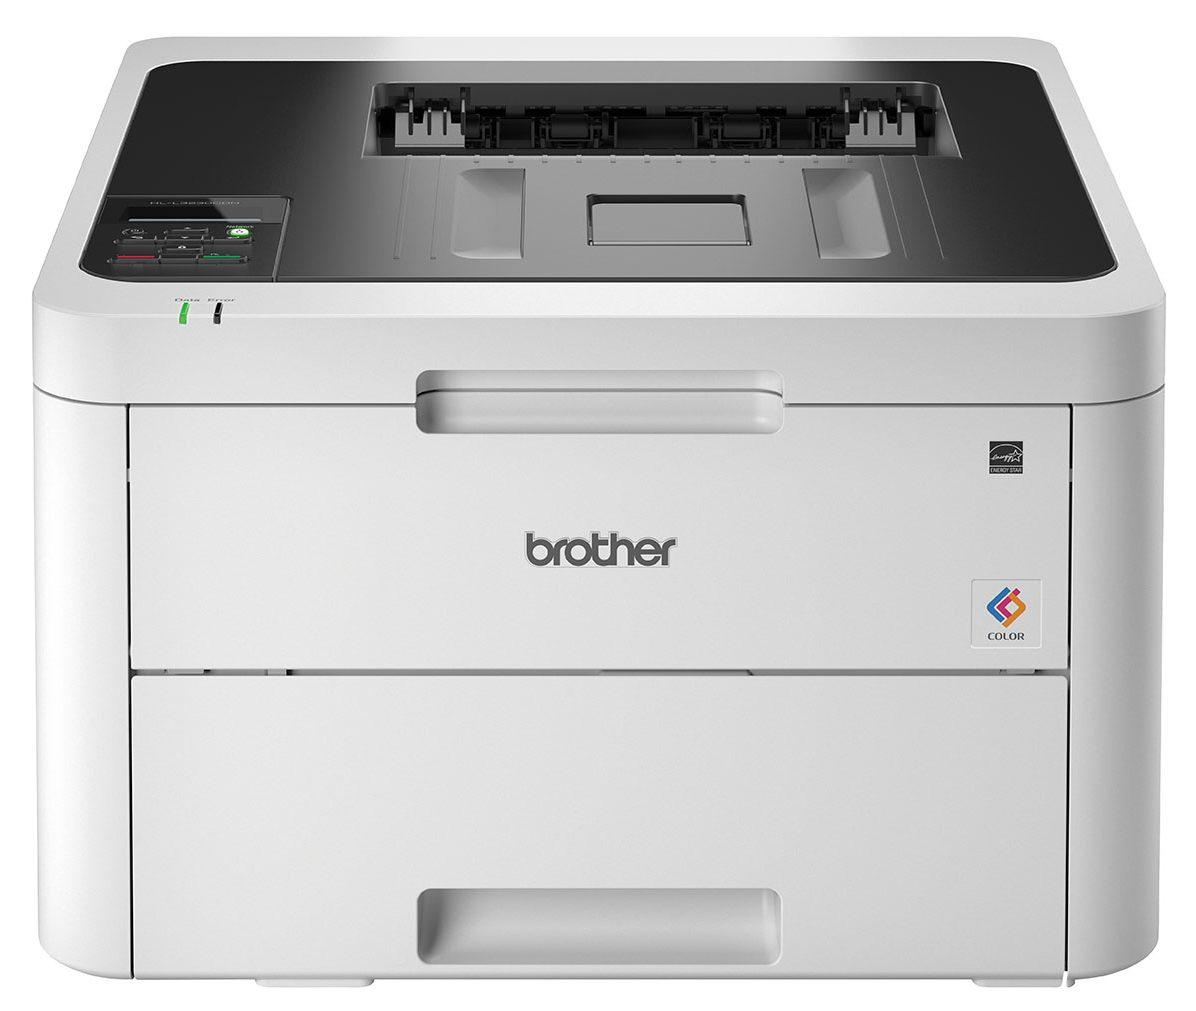 Máy in Laser màu Brother HL-L3230CDN thiết kê đơn giản vô cùng sang trọng